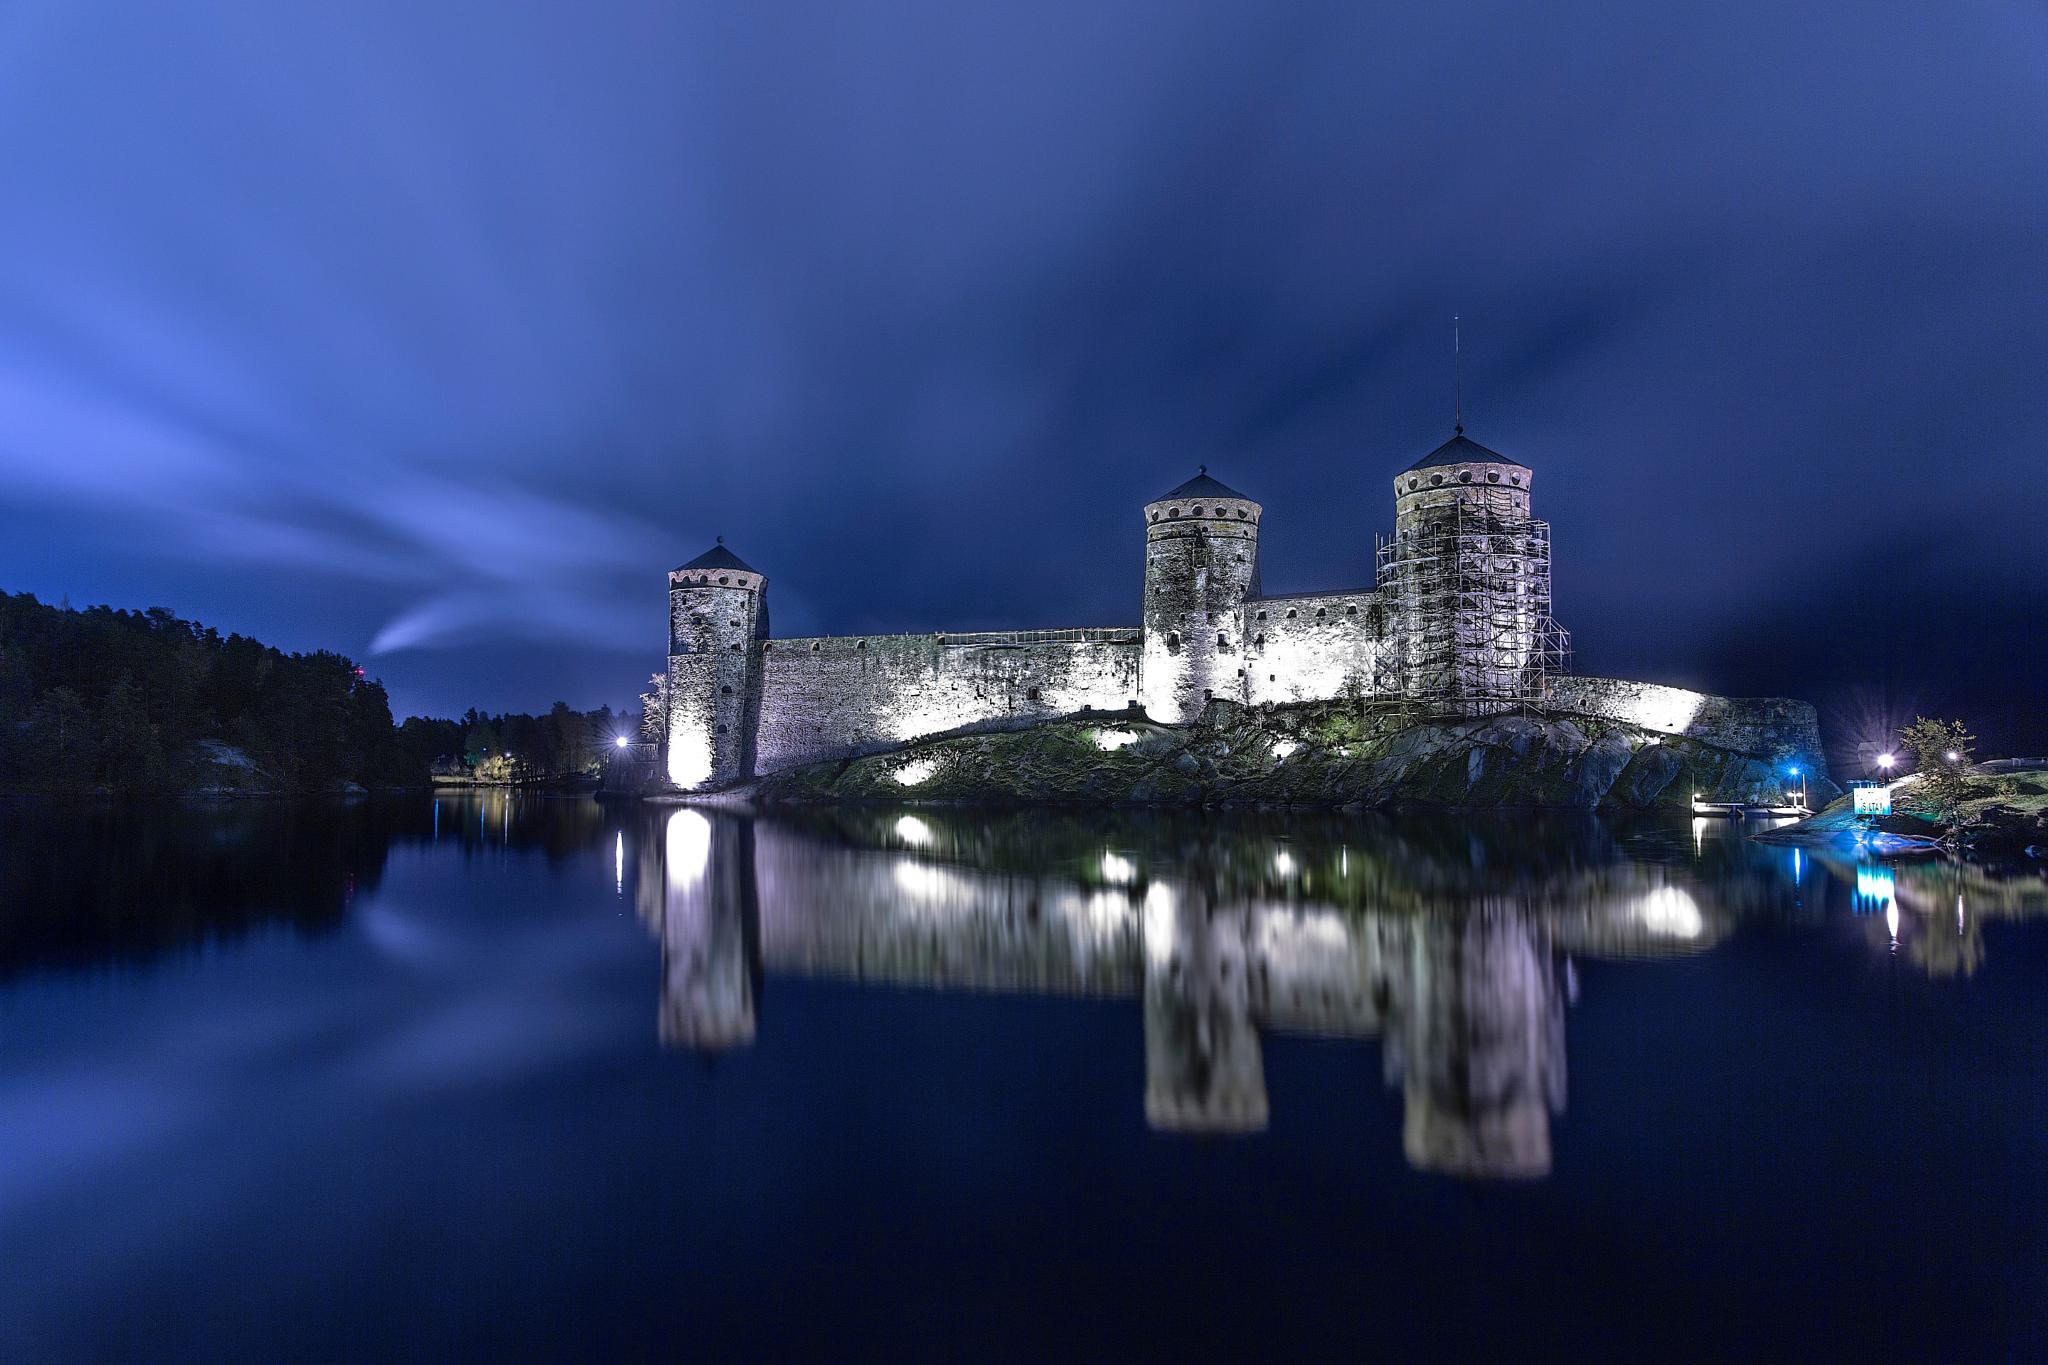 Olavinlinna Castle - Finland 2014 by Sedat Göcelerli